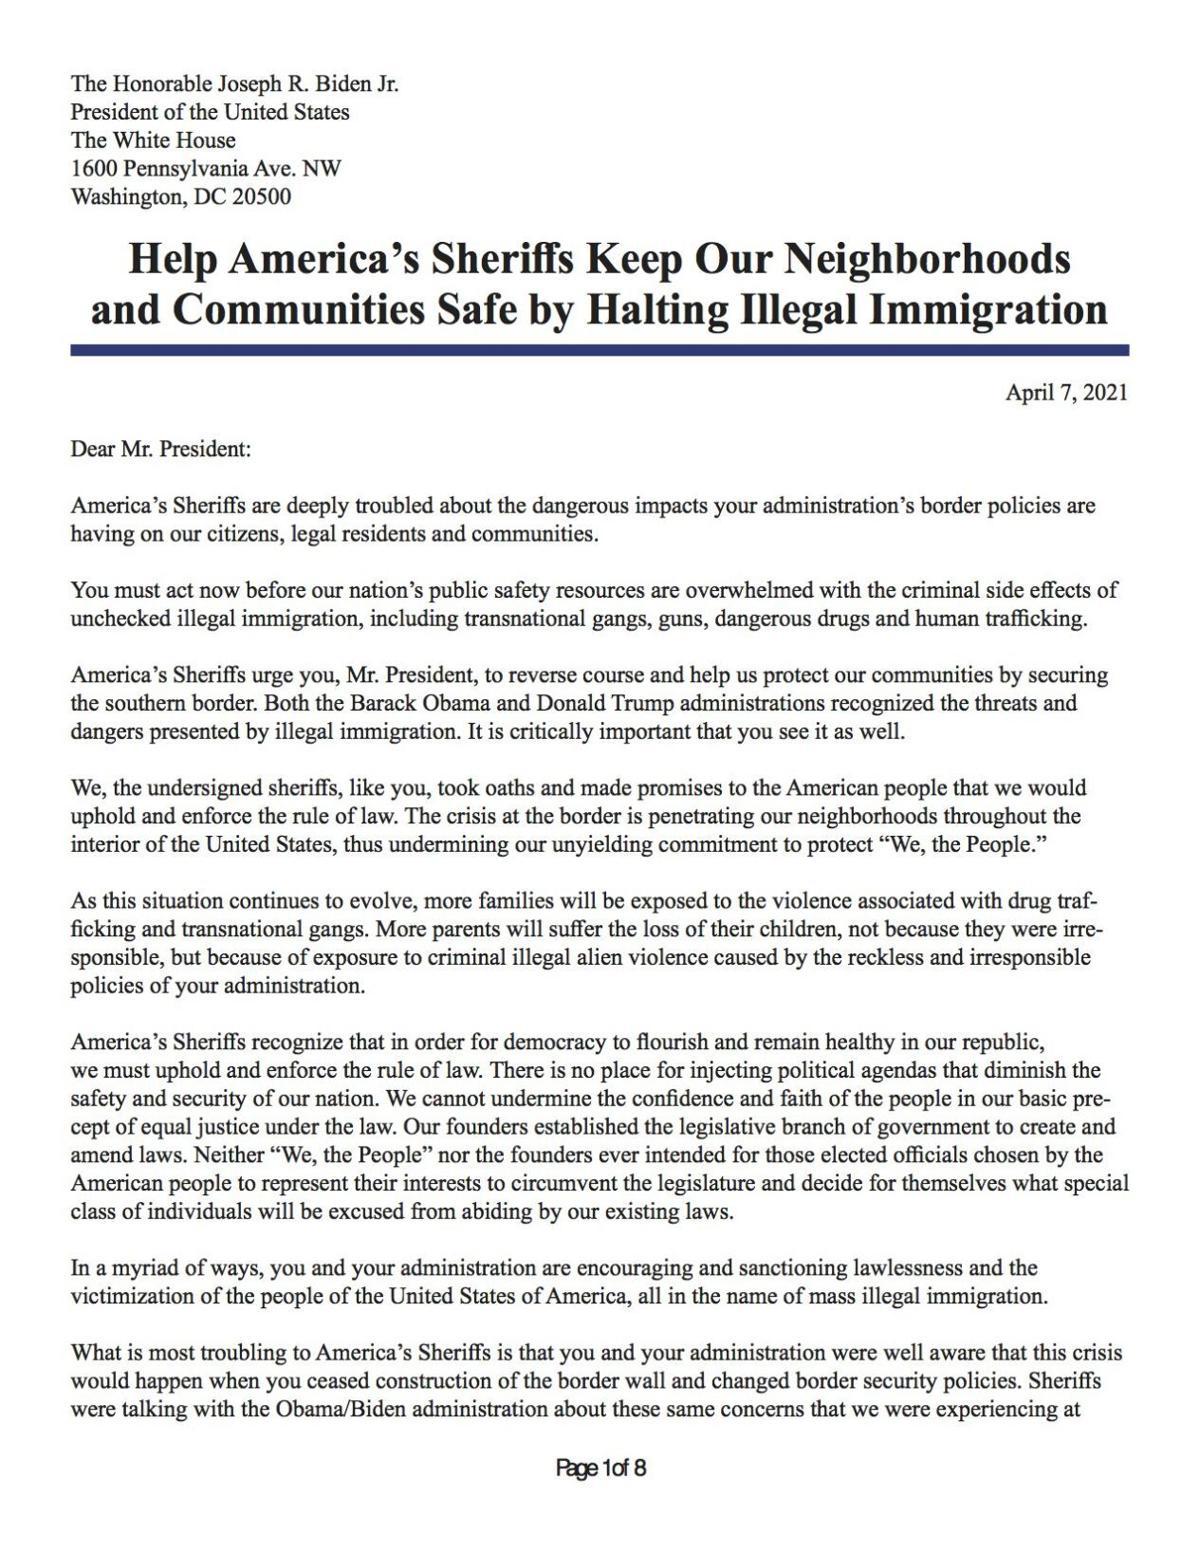 Sheriff's letter to Biden